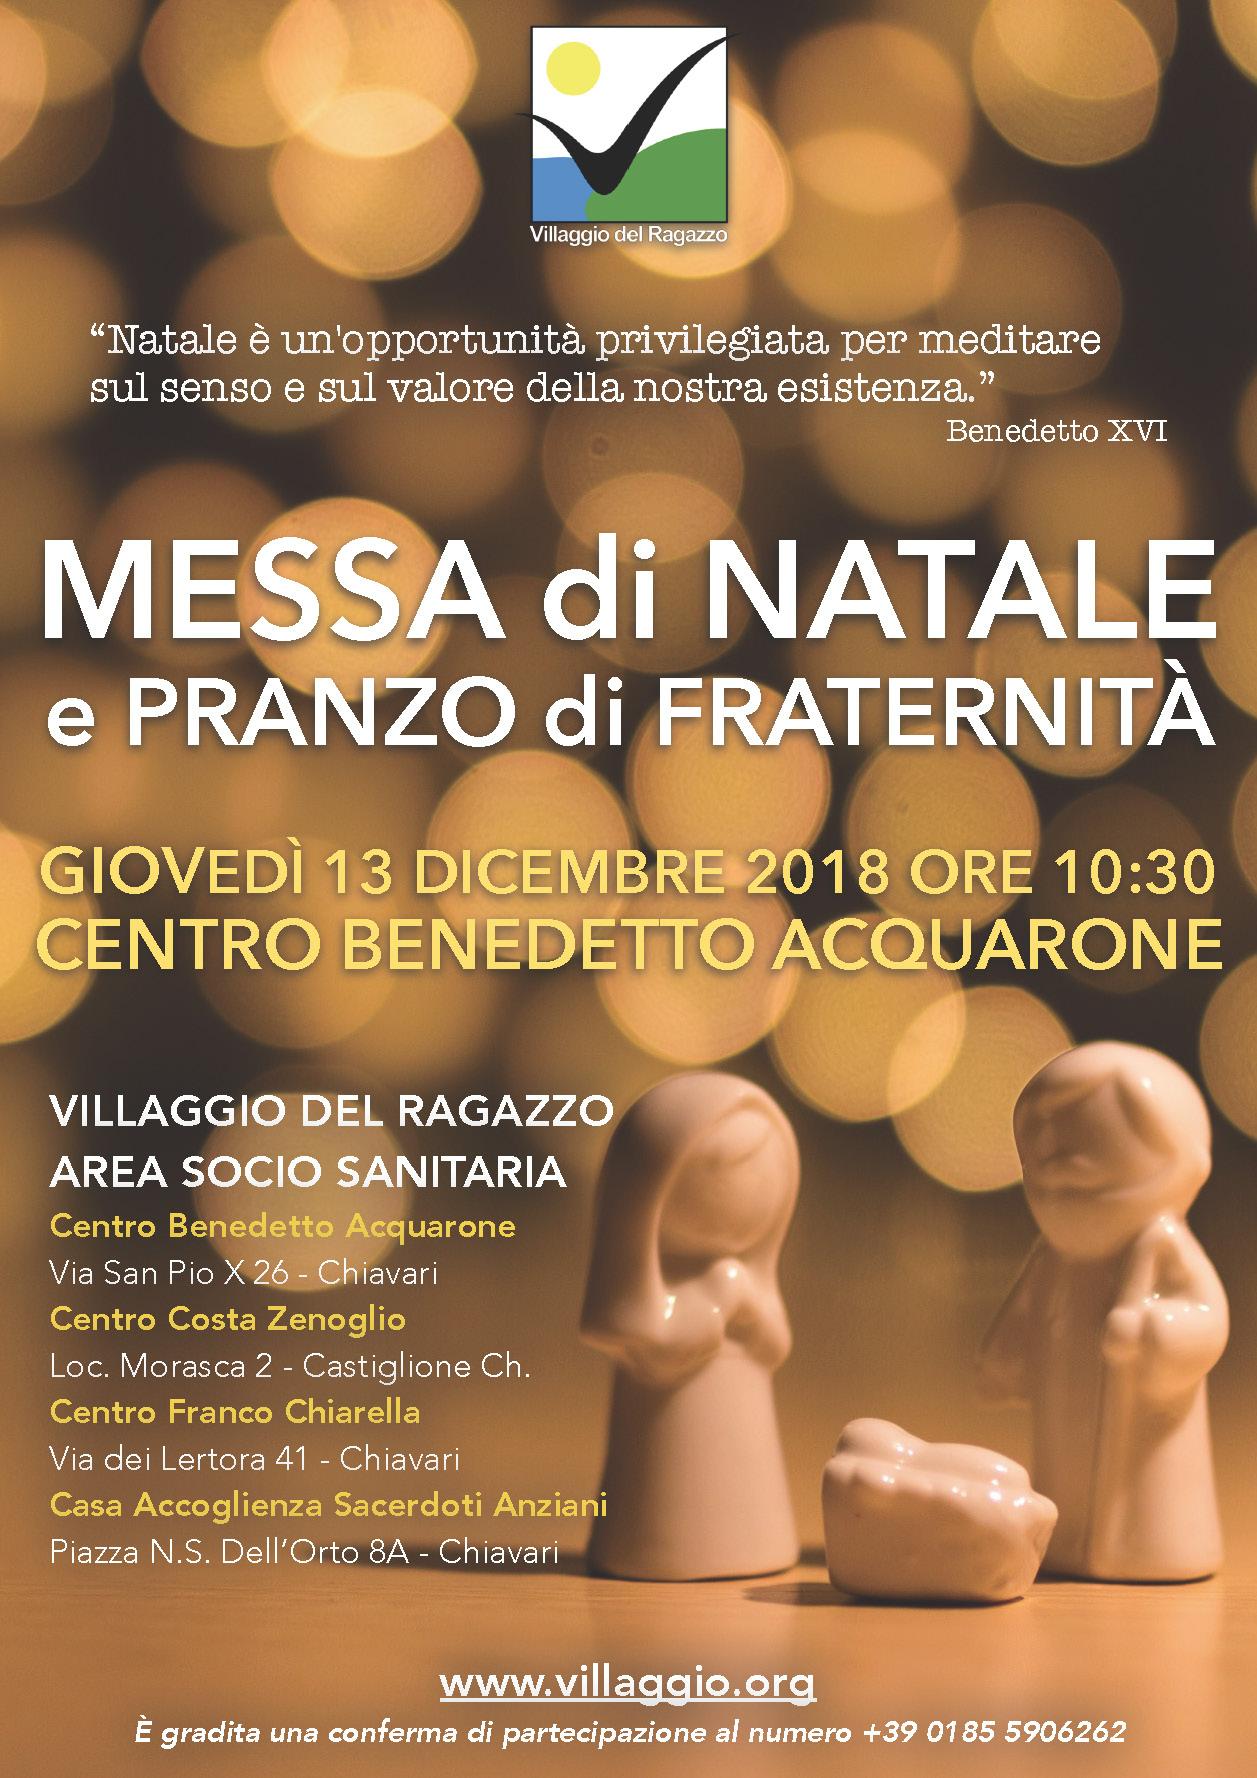 Villaggio invito Messa Natale 2018